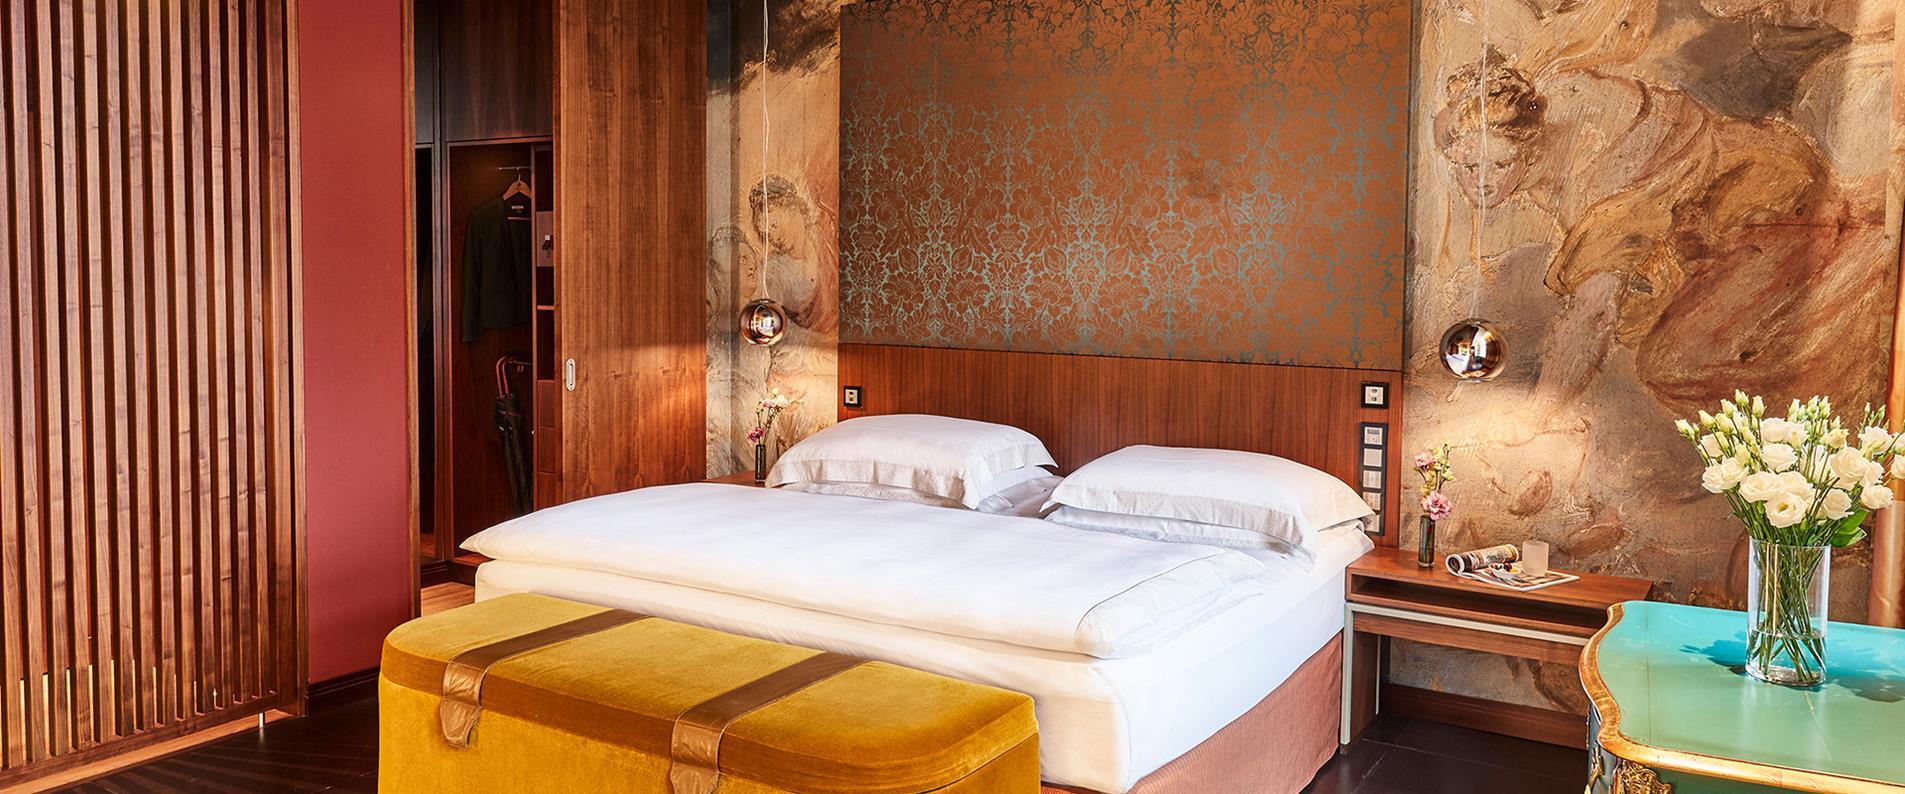 Hotel_Vier_Jahreszeiten_suite